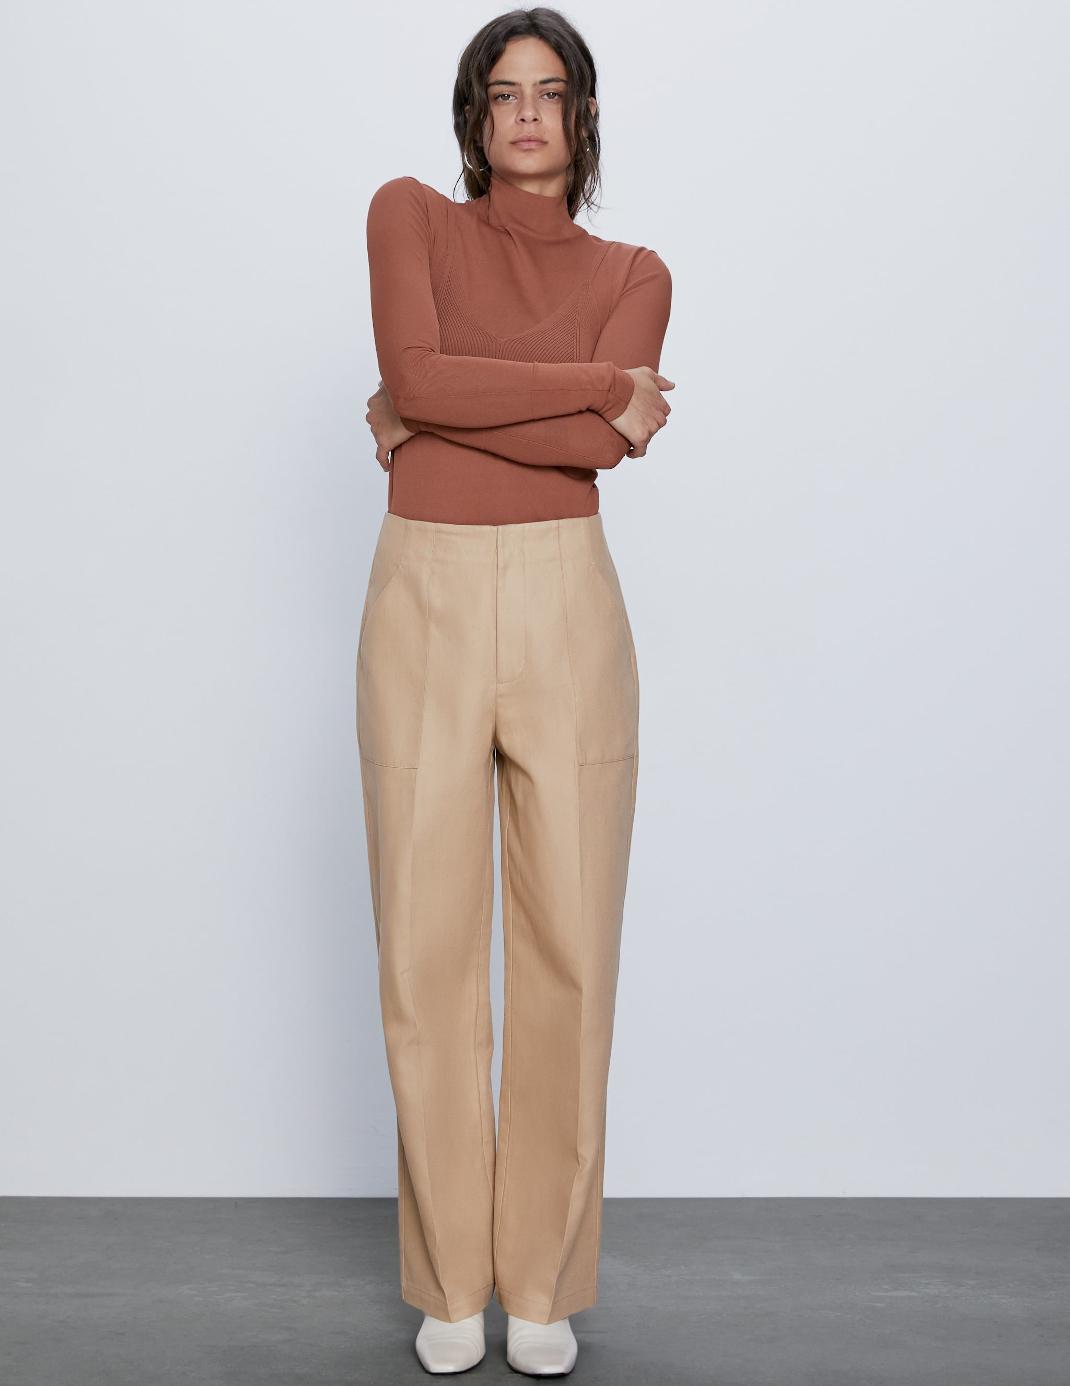 μοντέλο με παντελόνι Zara